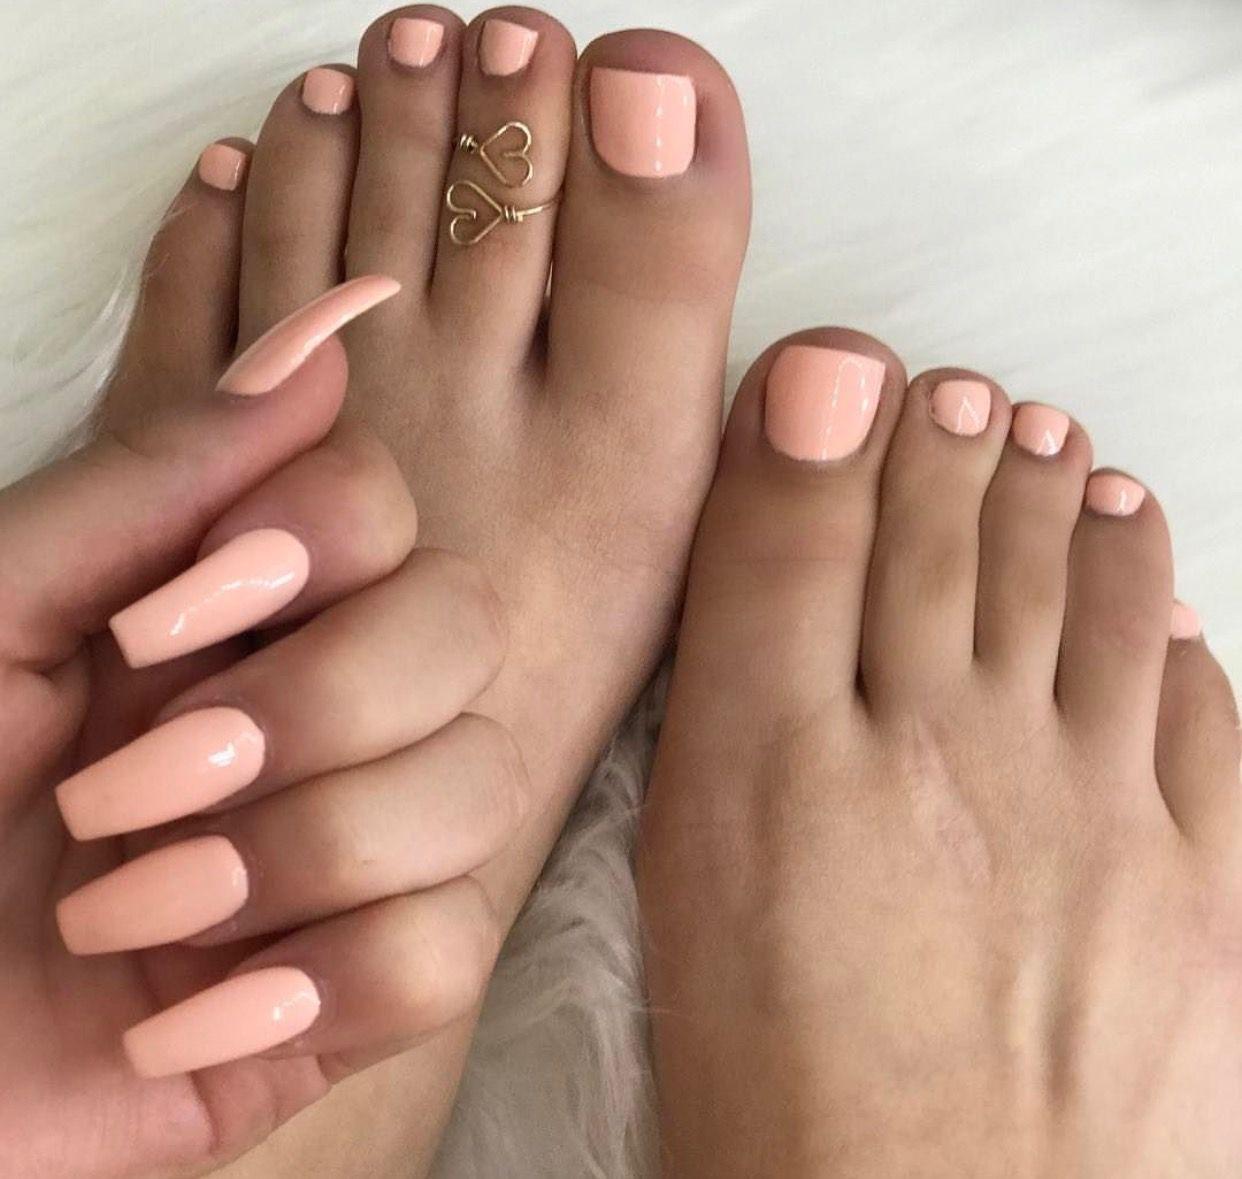 Pin By Evian On Nails Toe Nails Feet Nails Peach Nails